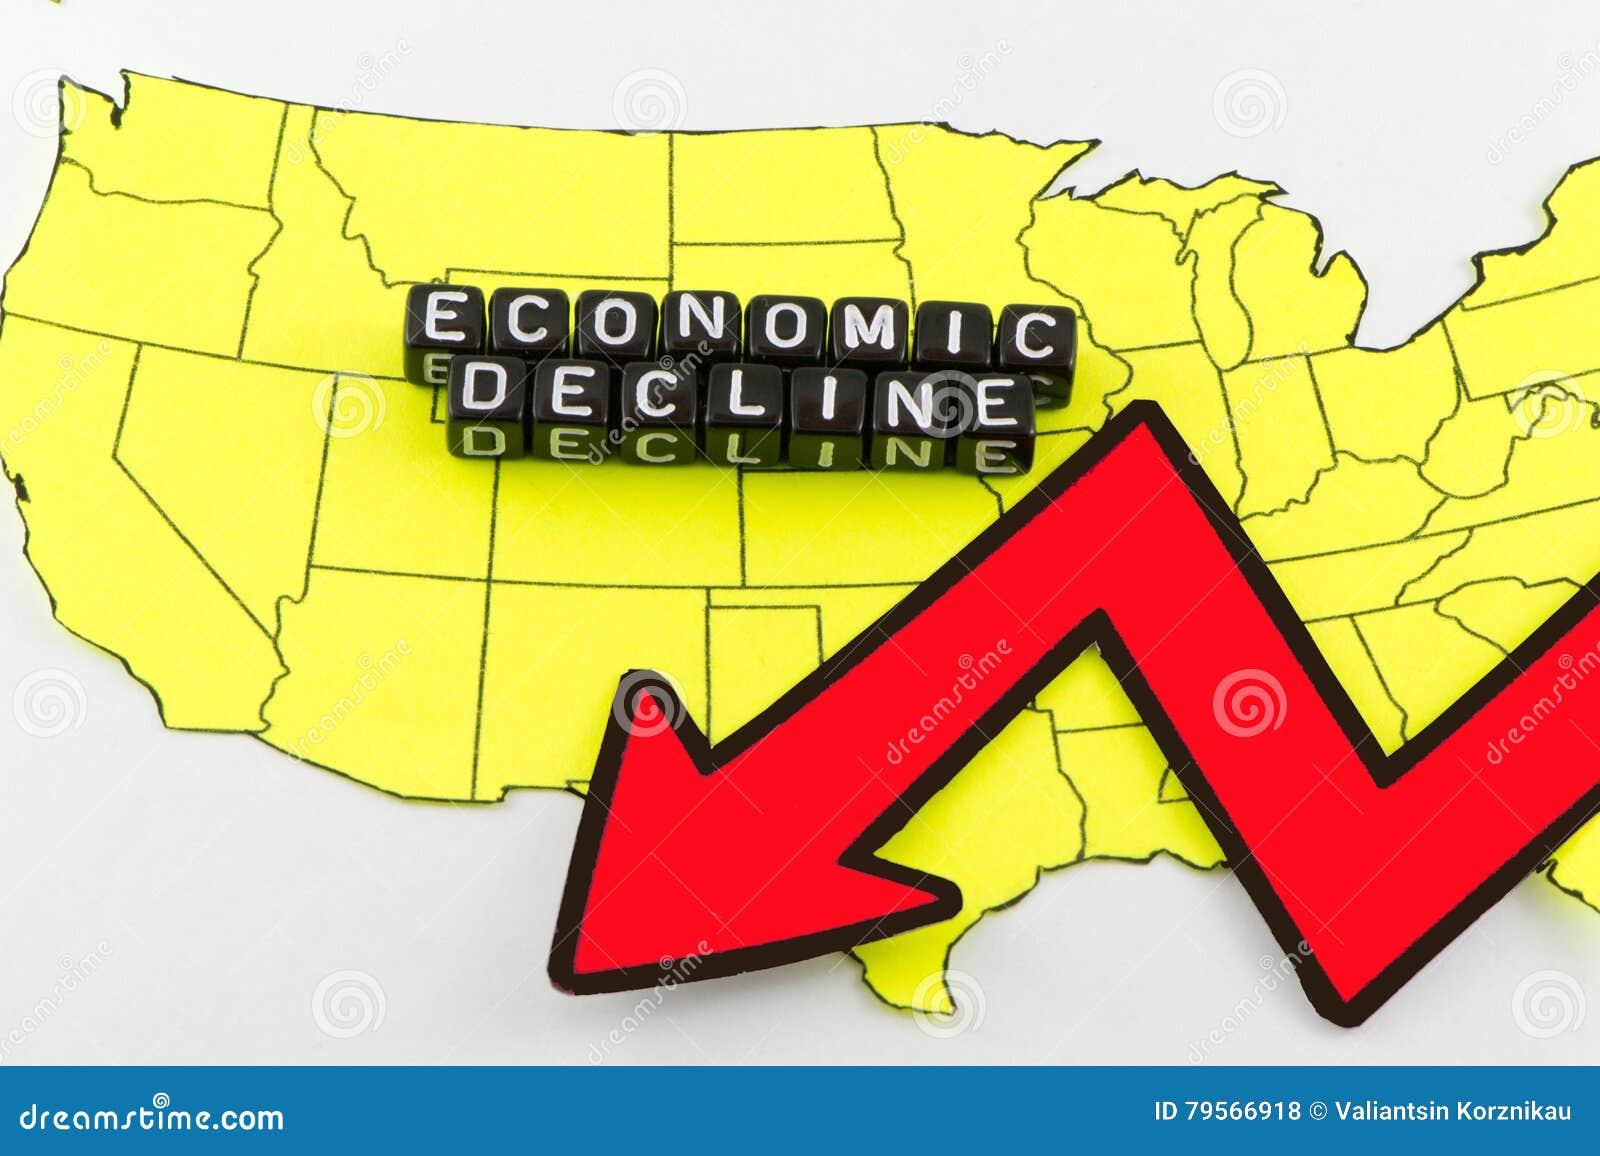 Η πτώση της αμερικανικής οικονομίας ως σύμβολο